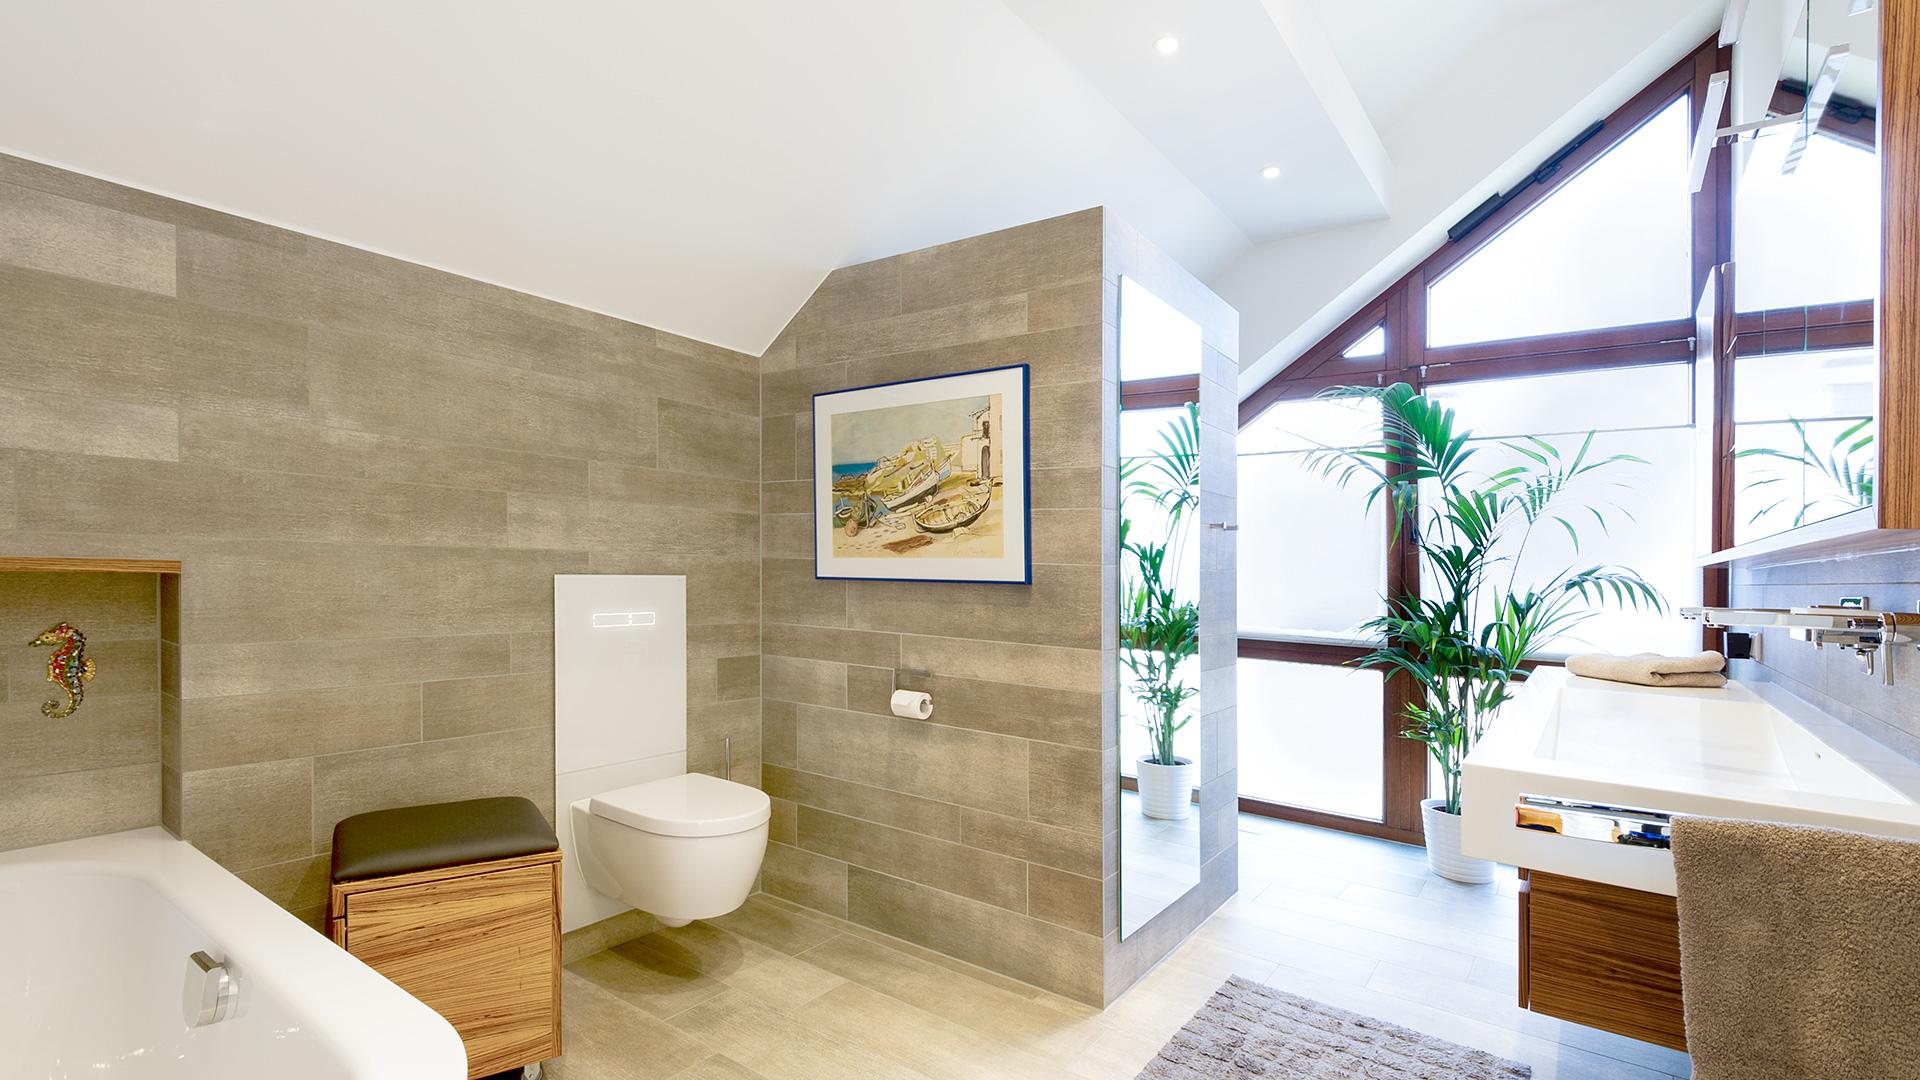 besonderes Bad mit Sandstein-Fliesen und großem Fenster in Borken